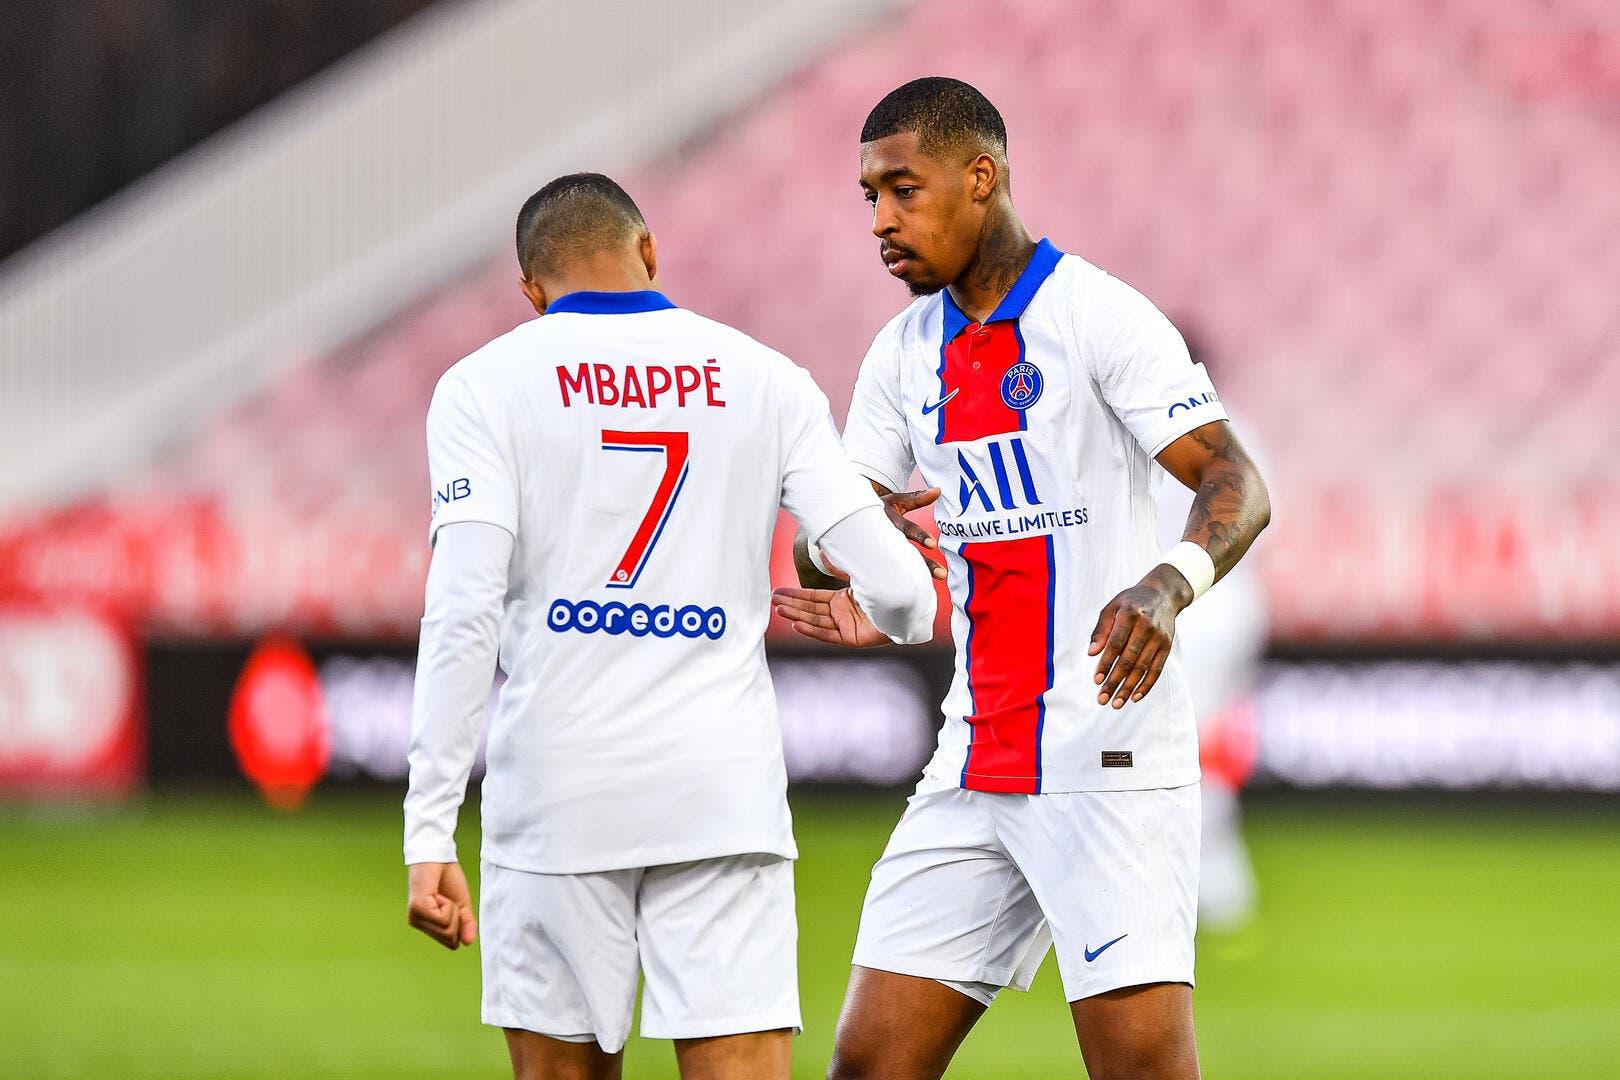 PSG : Paris champion, le pacte des joueurs dévoilé - Foot01.com